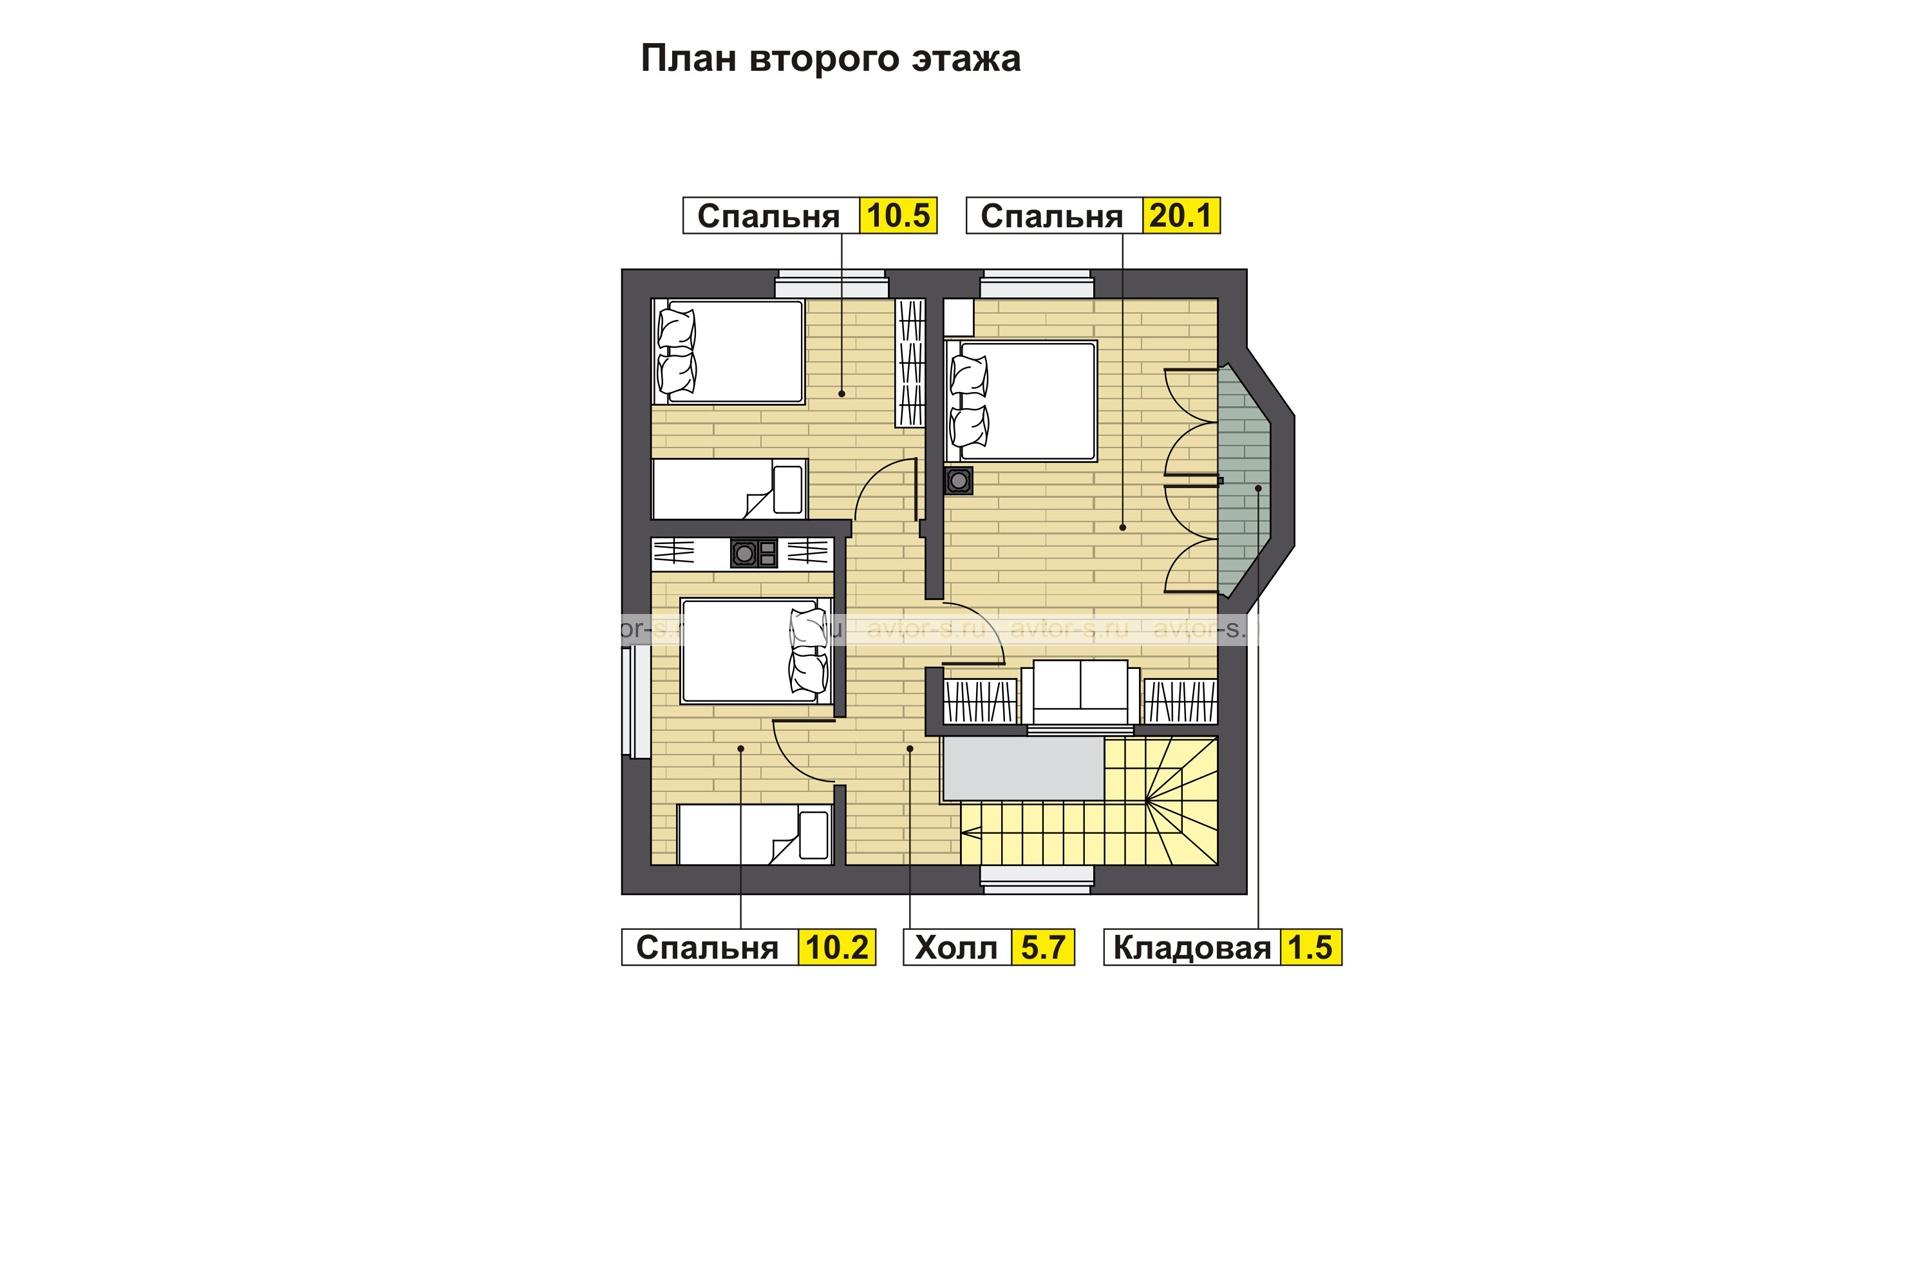 AV 201 план